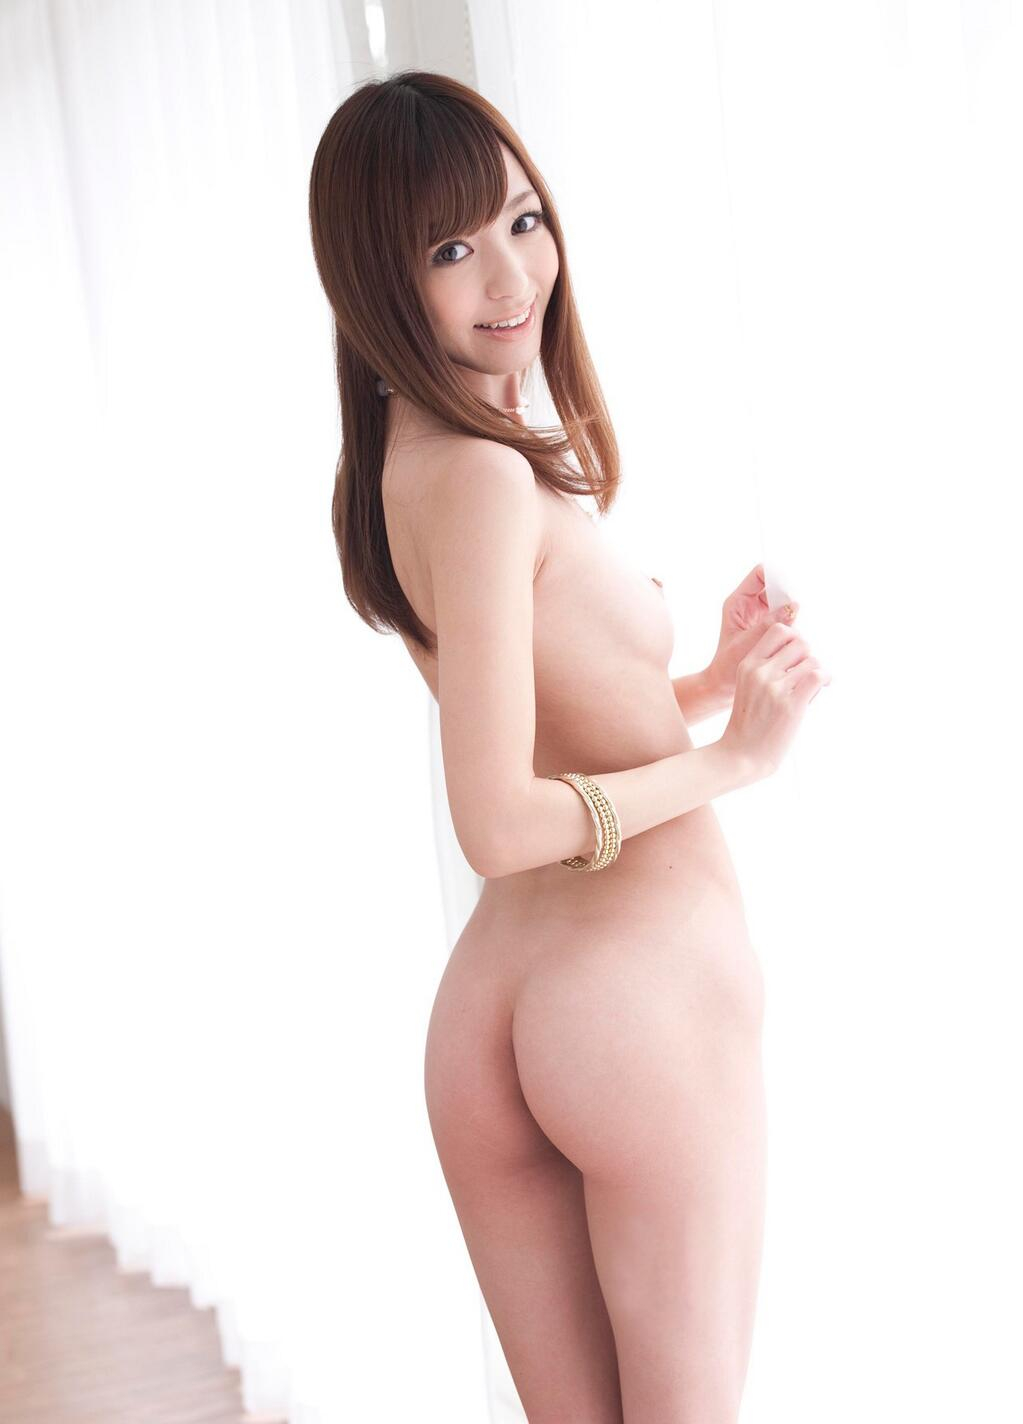 素っ裸でヒップがモロ見え (2)